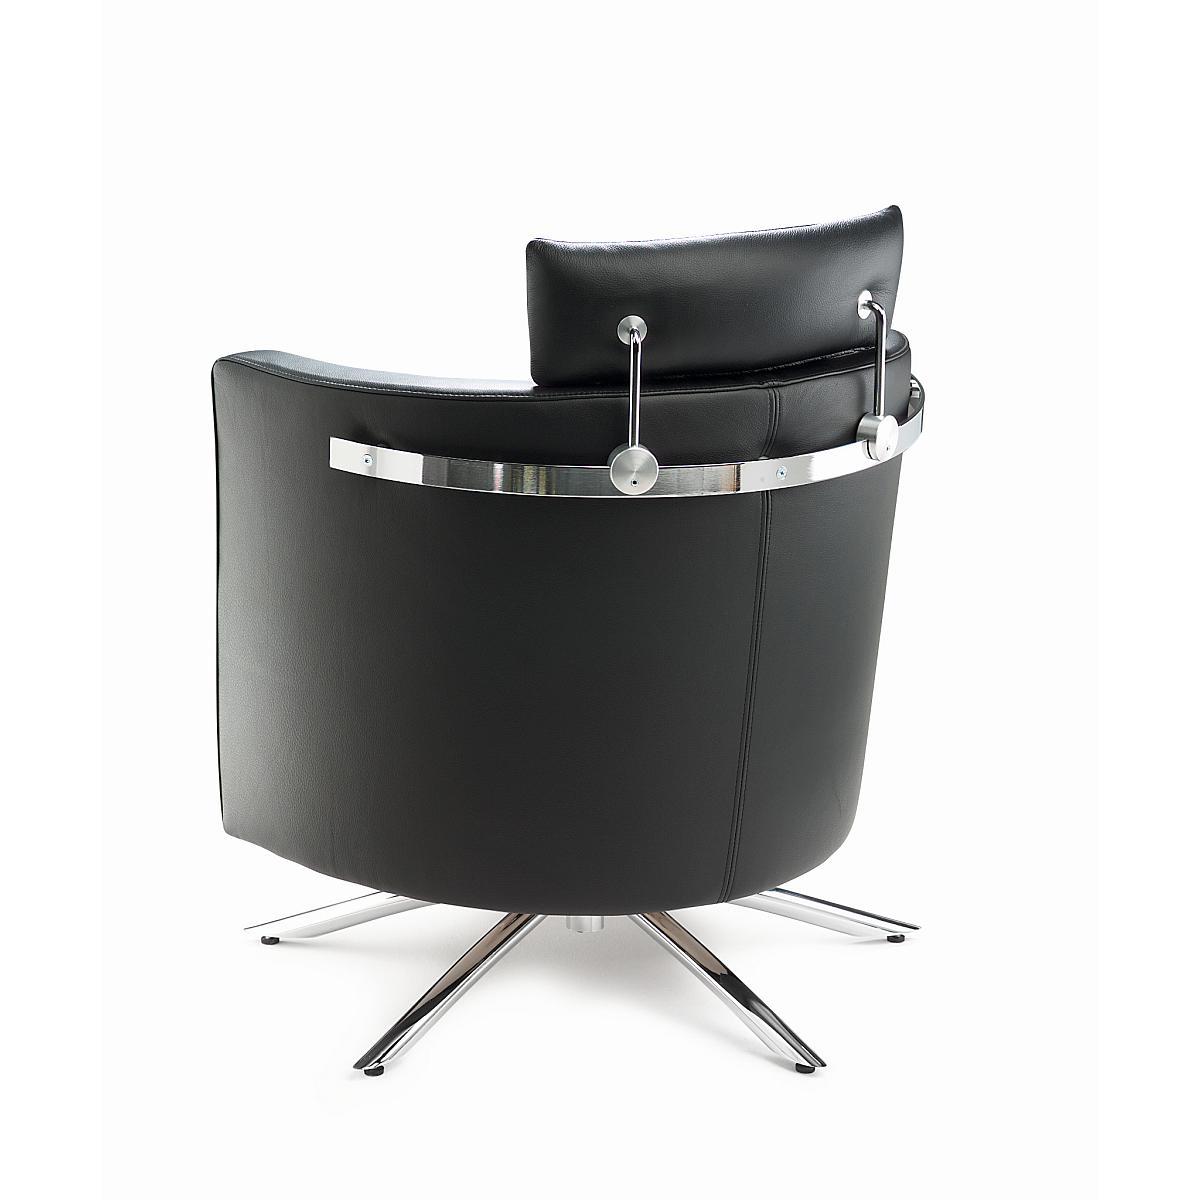 VITO Sessel in Leder COLORADO mit Kopfstütze und Reeling, Rückansicht